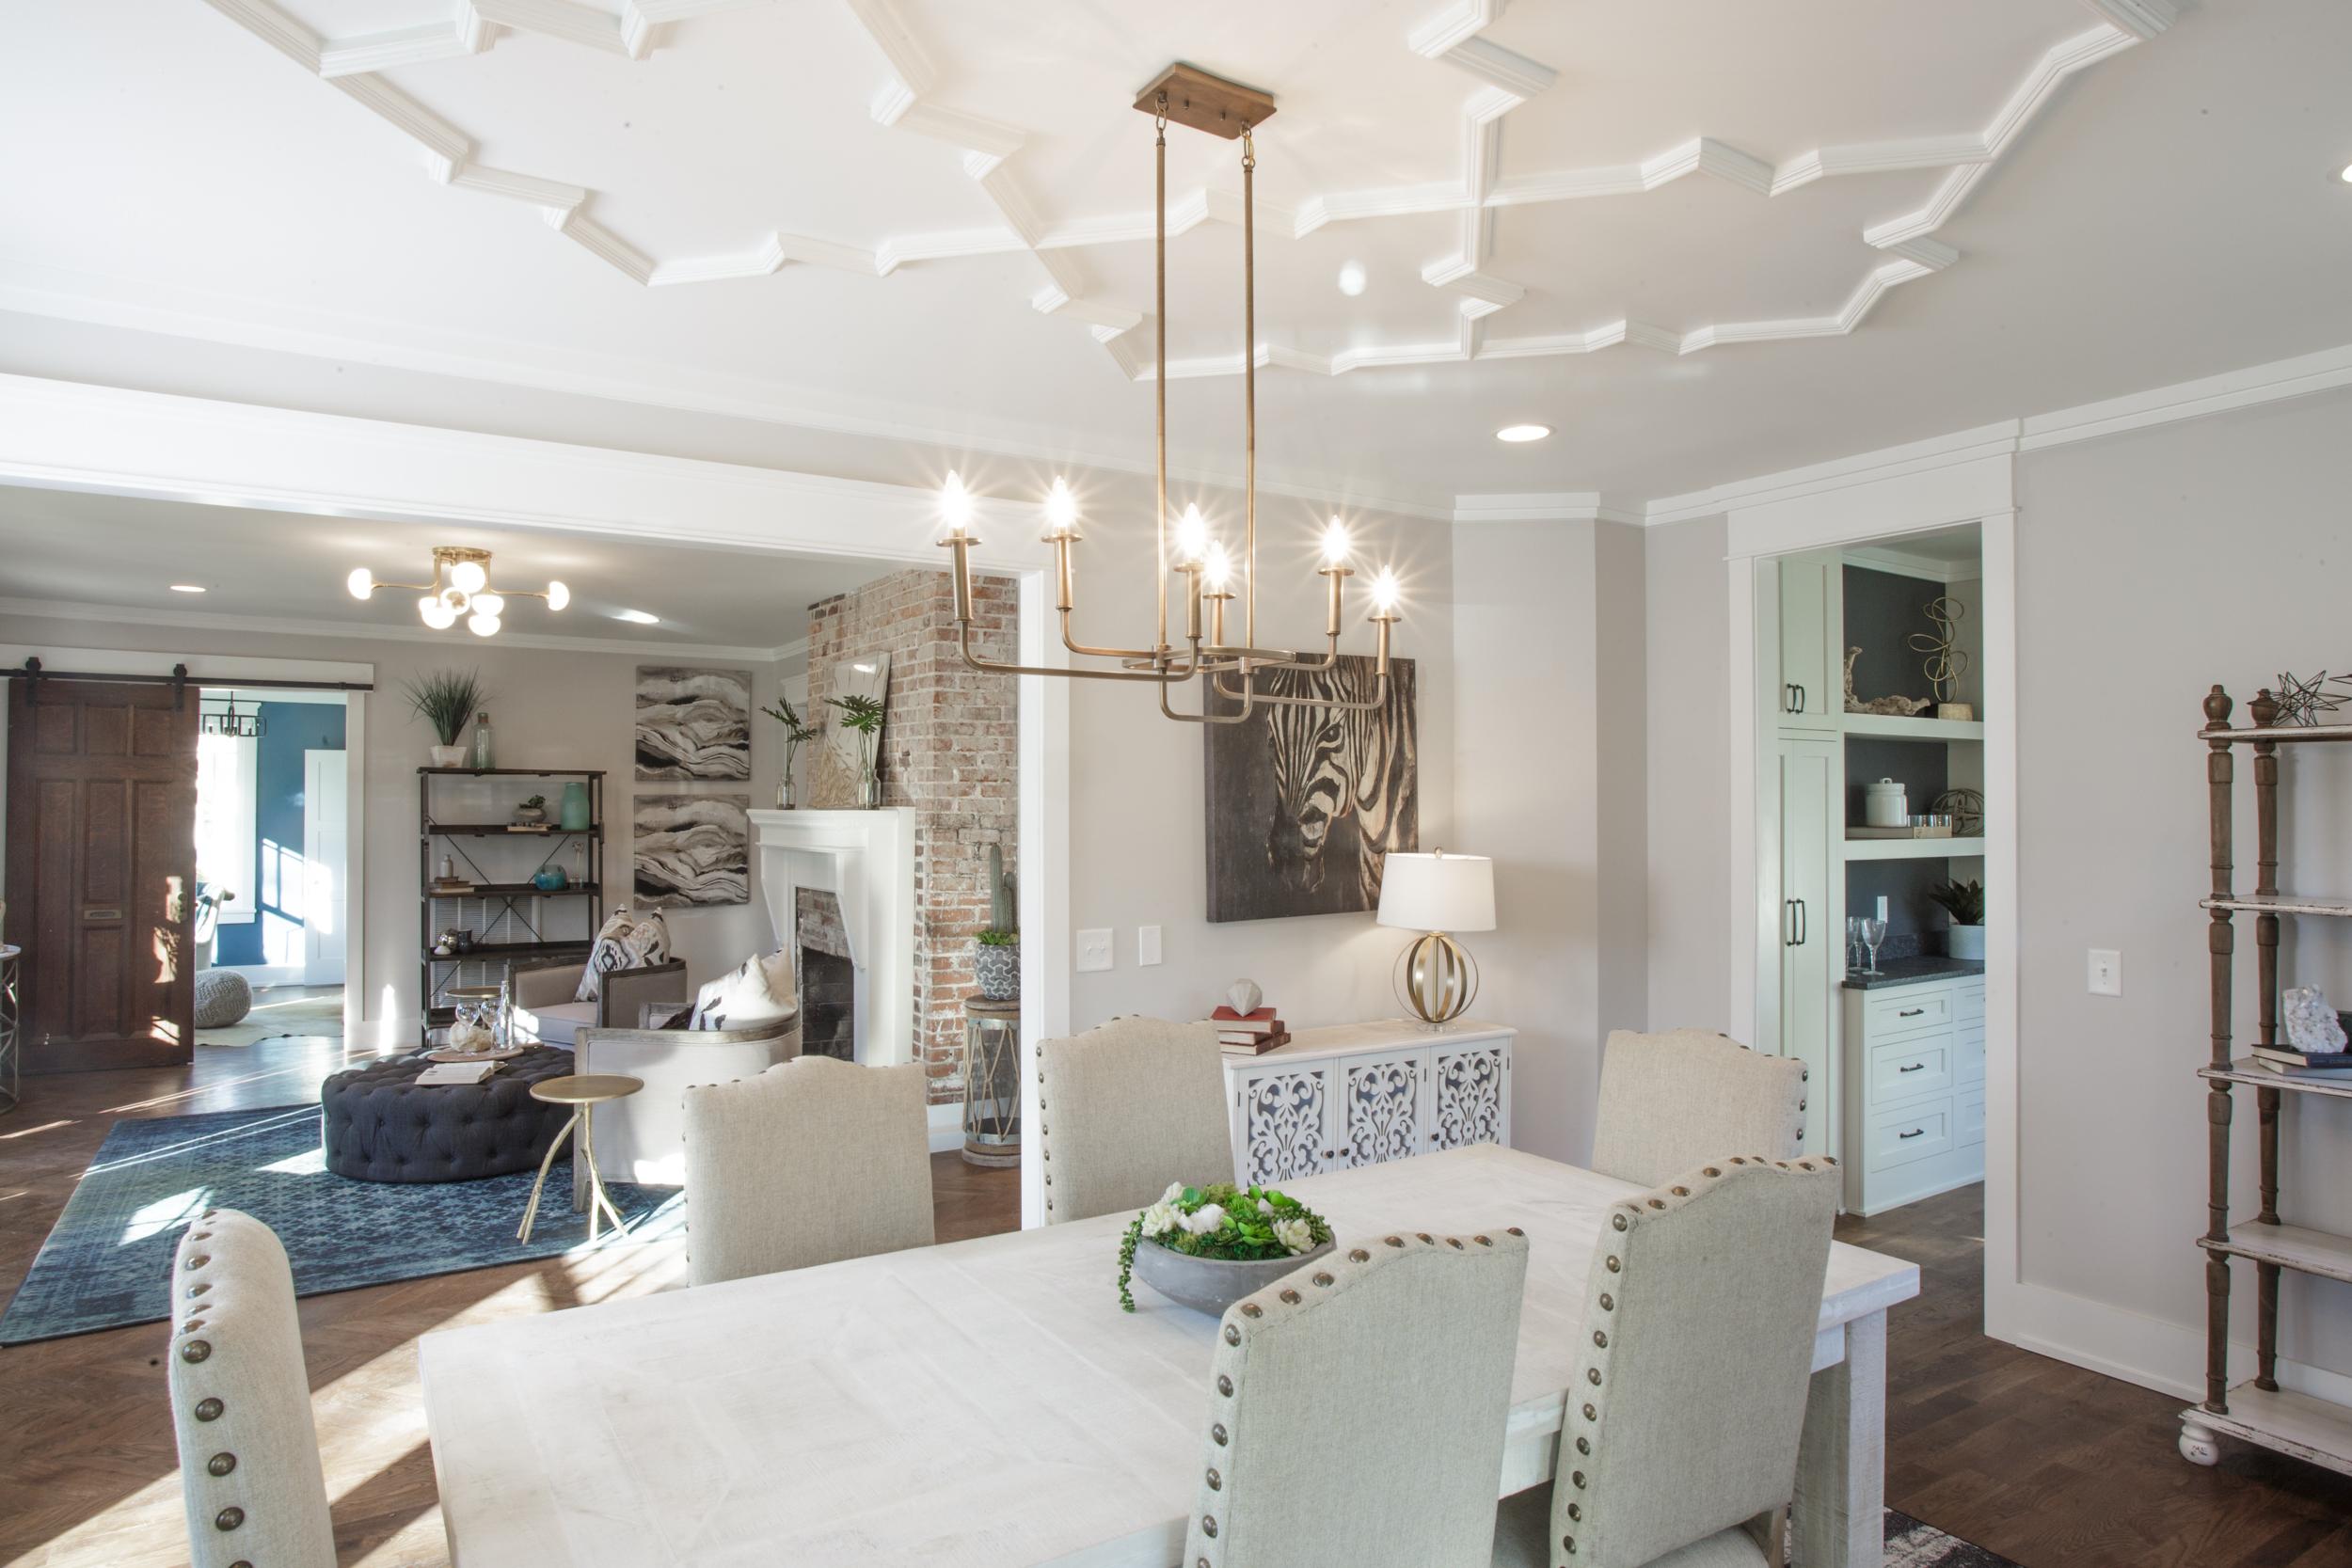 britt-development-group-nashville-tennessee-custom-home-builder-historic-renovation-0552.jpg